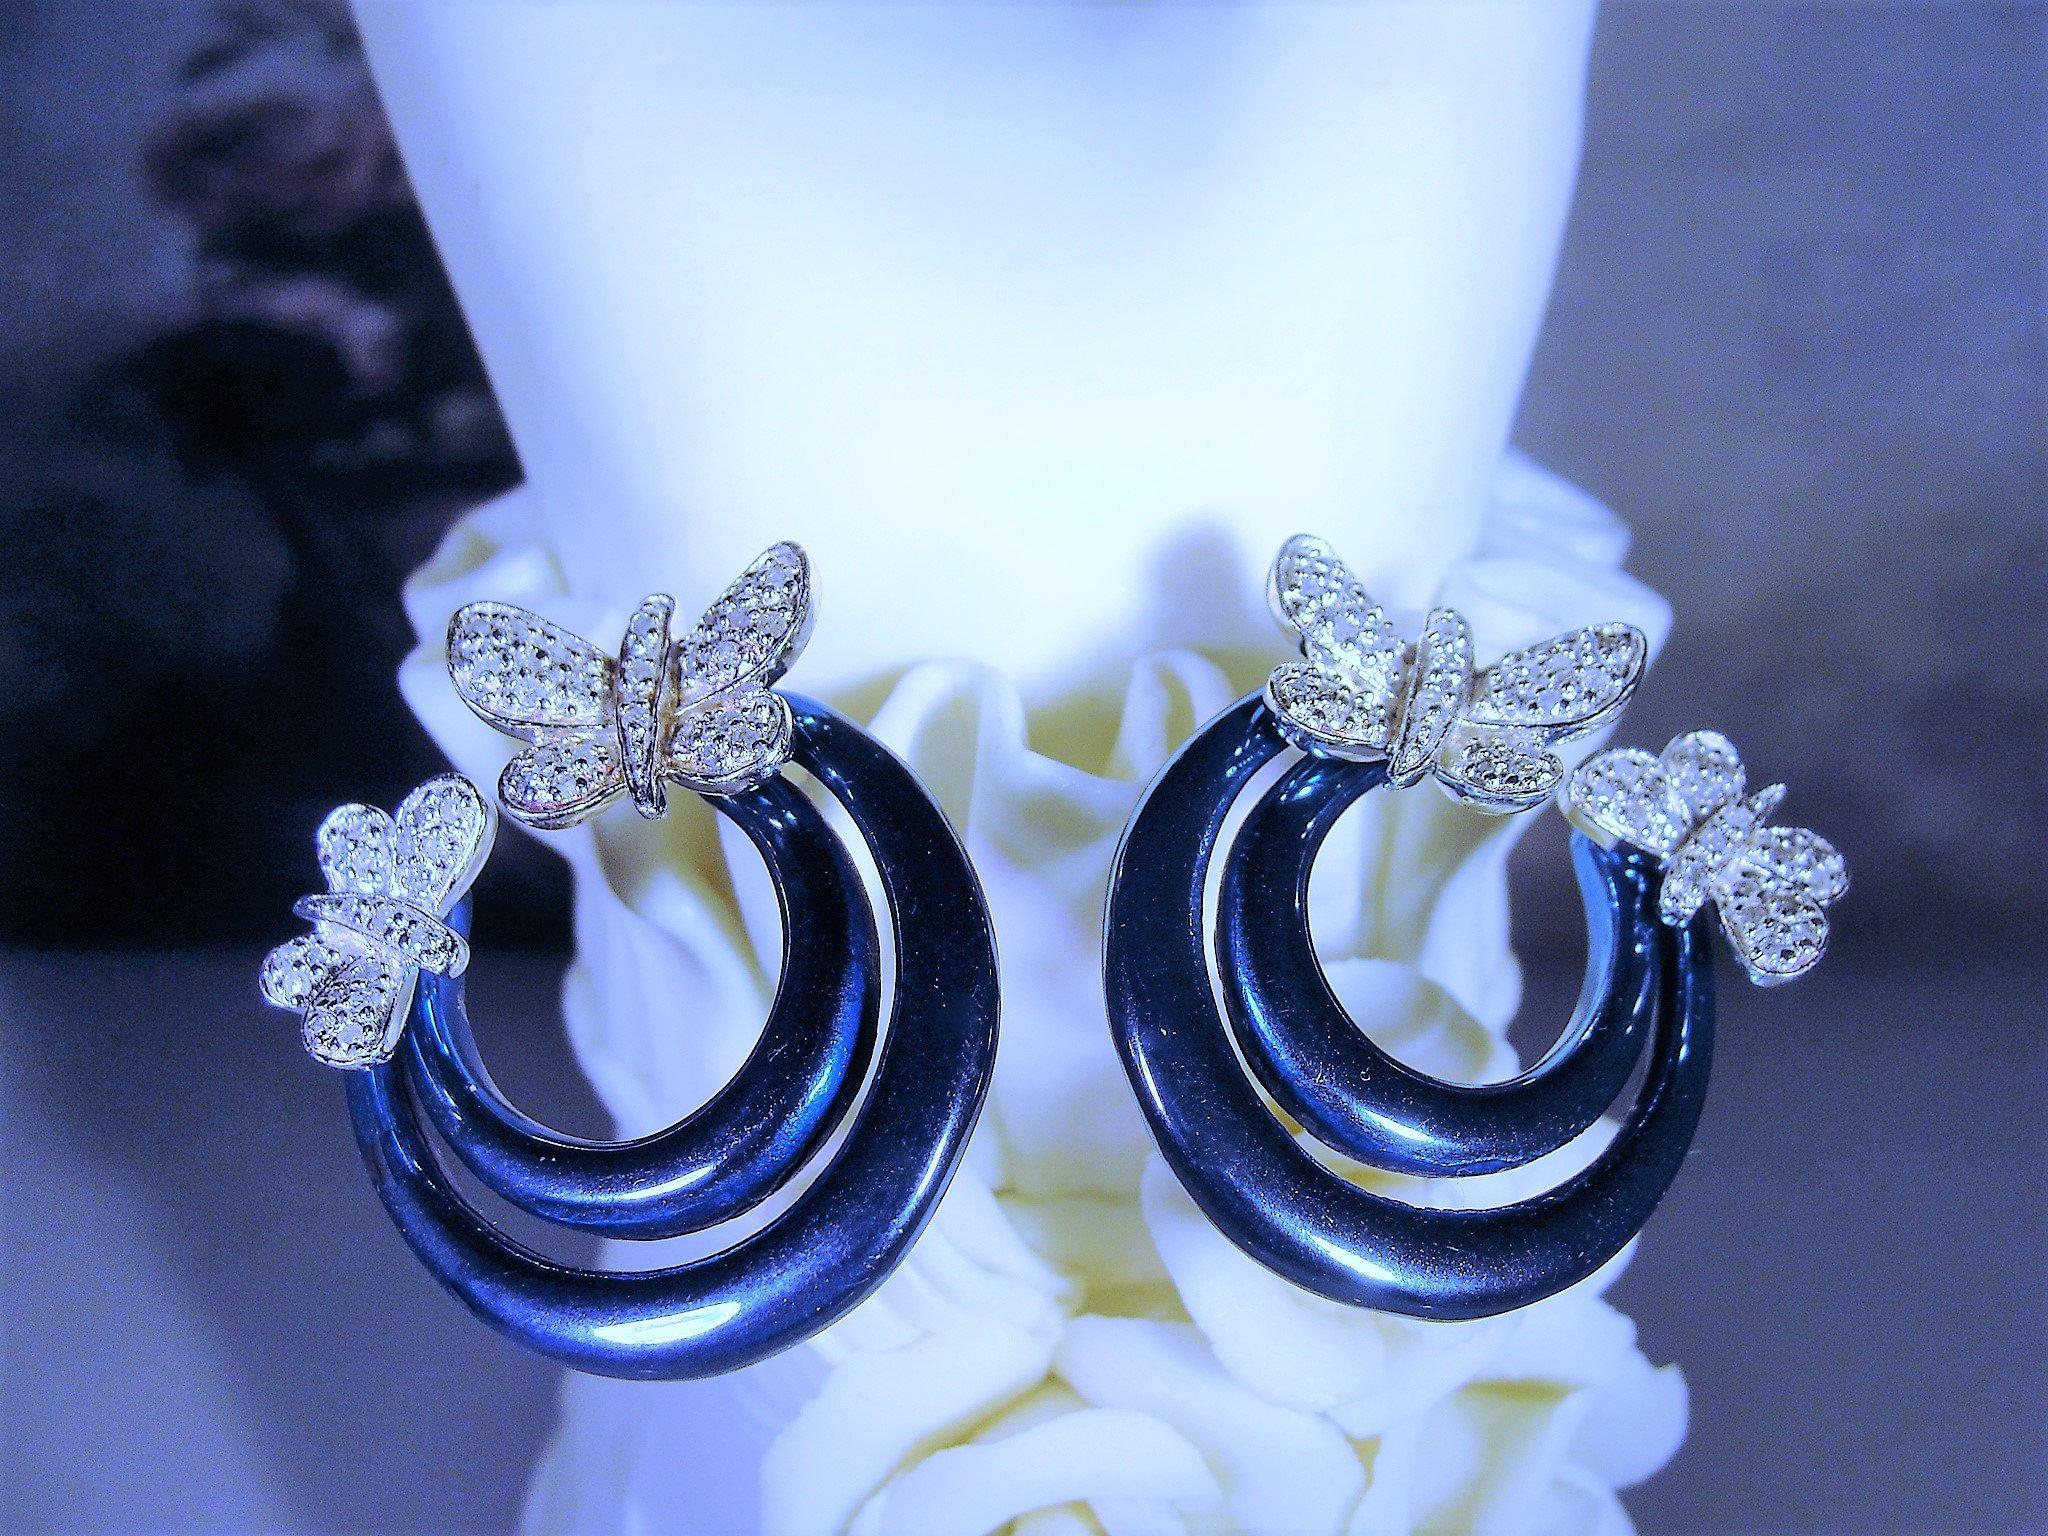 54945862a Sterling Silver Pave Diamond Butterfly Earrings, Teal Blue Enamel Hoops,  Pierced Earrings, Post Hoop Earrings, Vintage Earrings